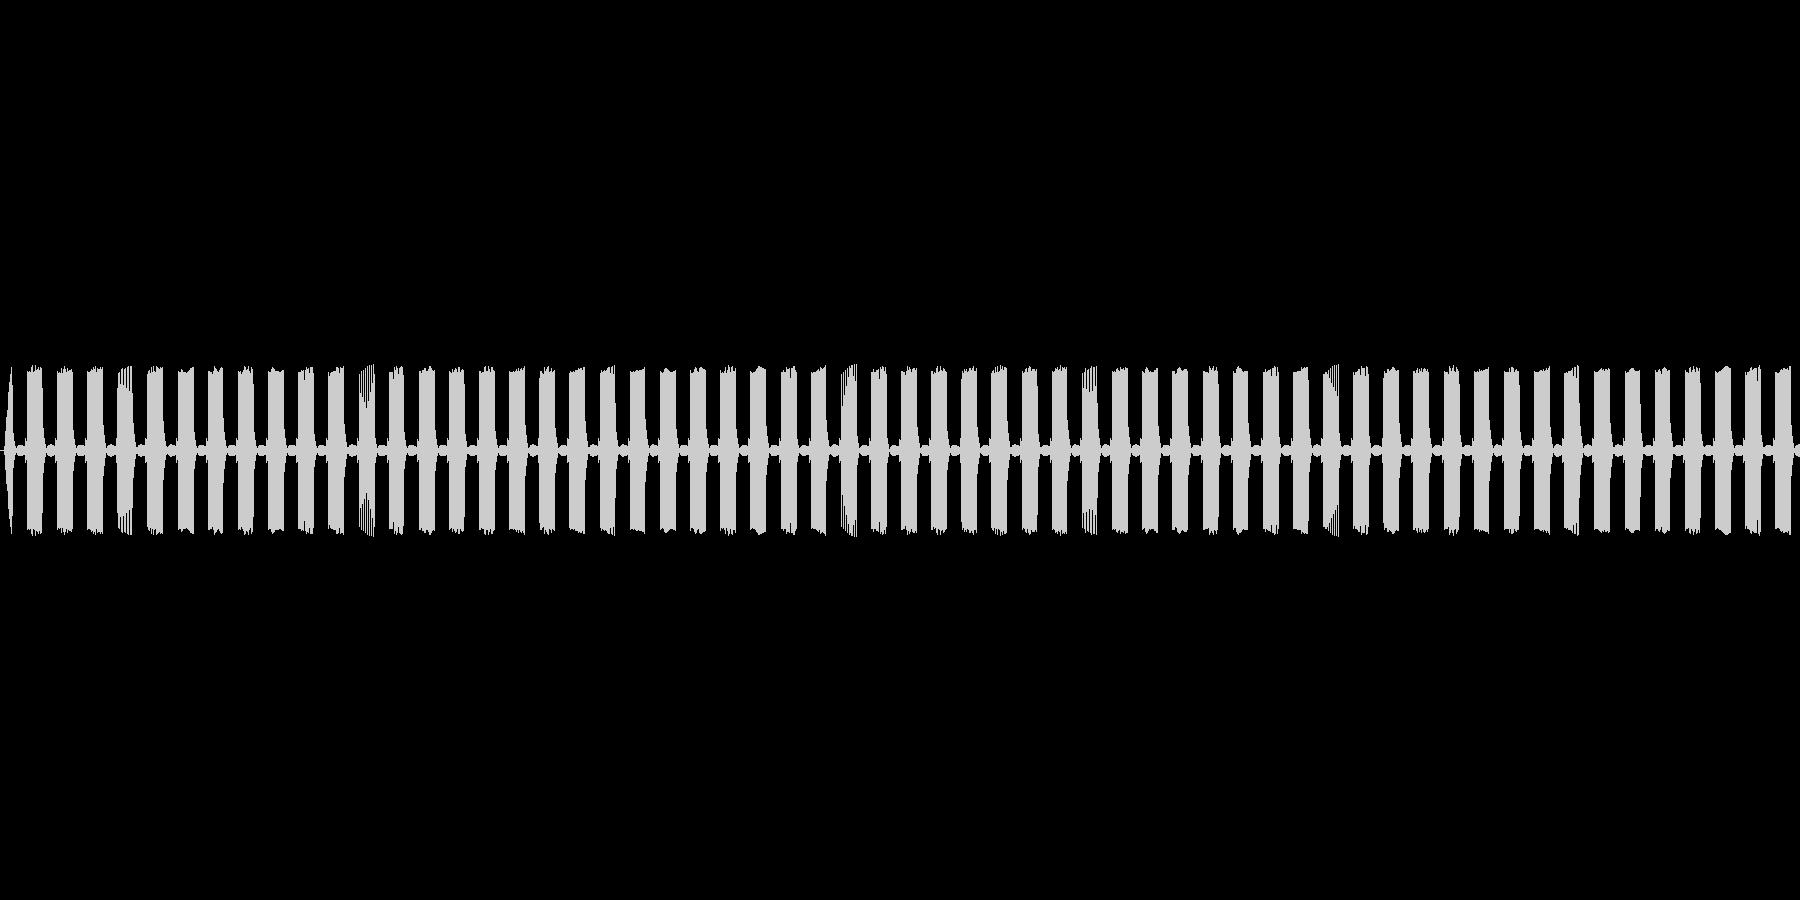 【ループ】レトロゲームぽいステージ開始音の未再生の波形